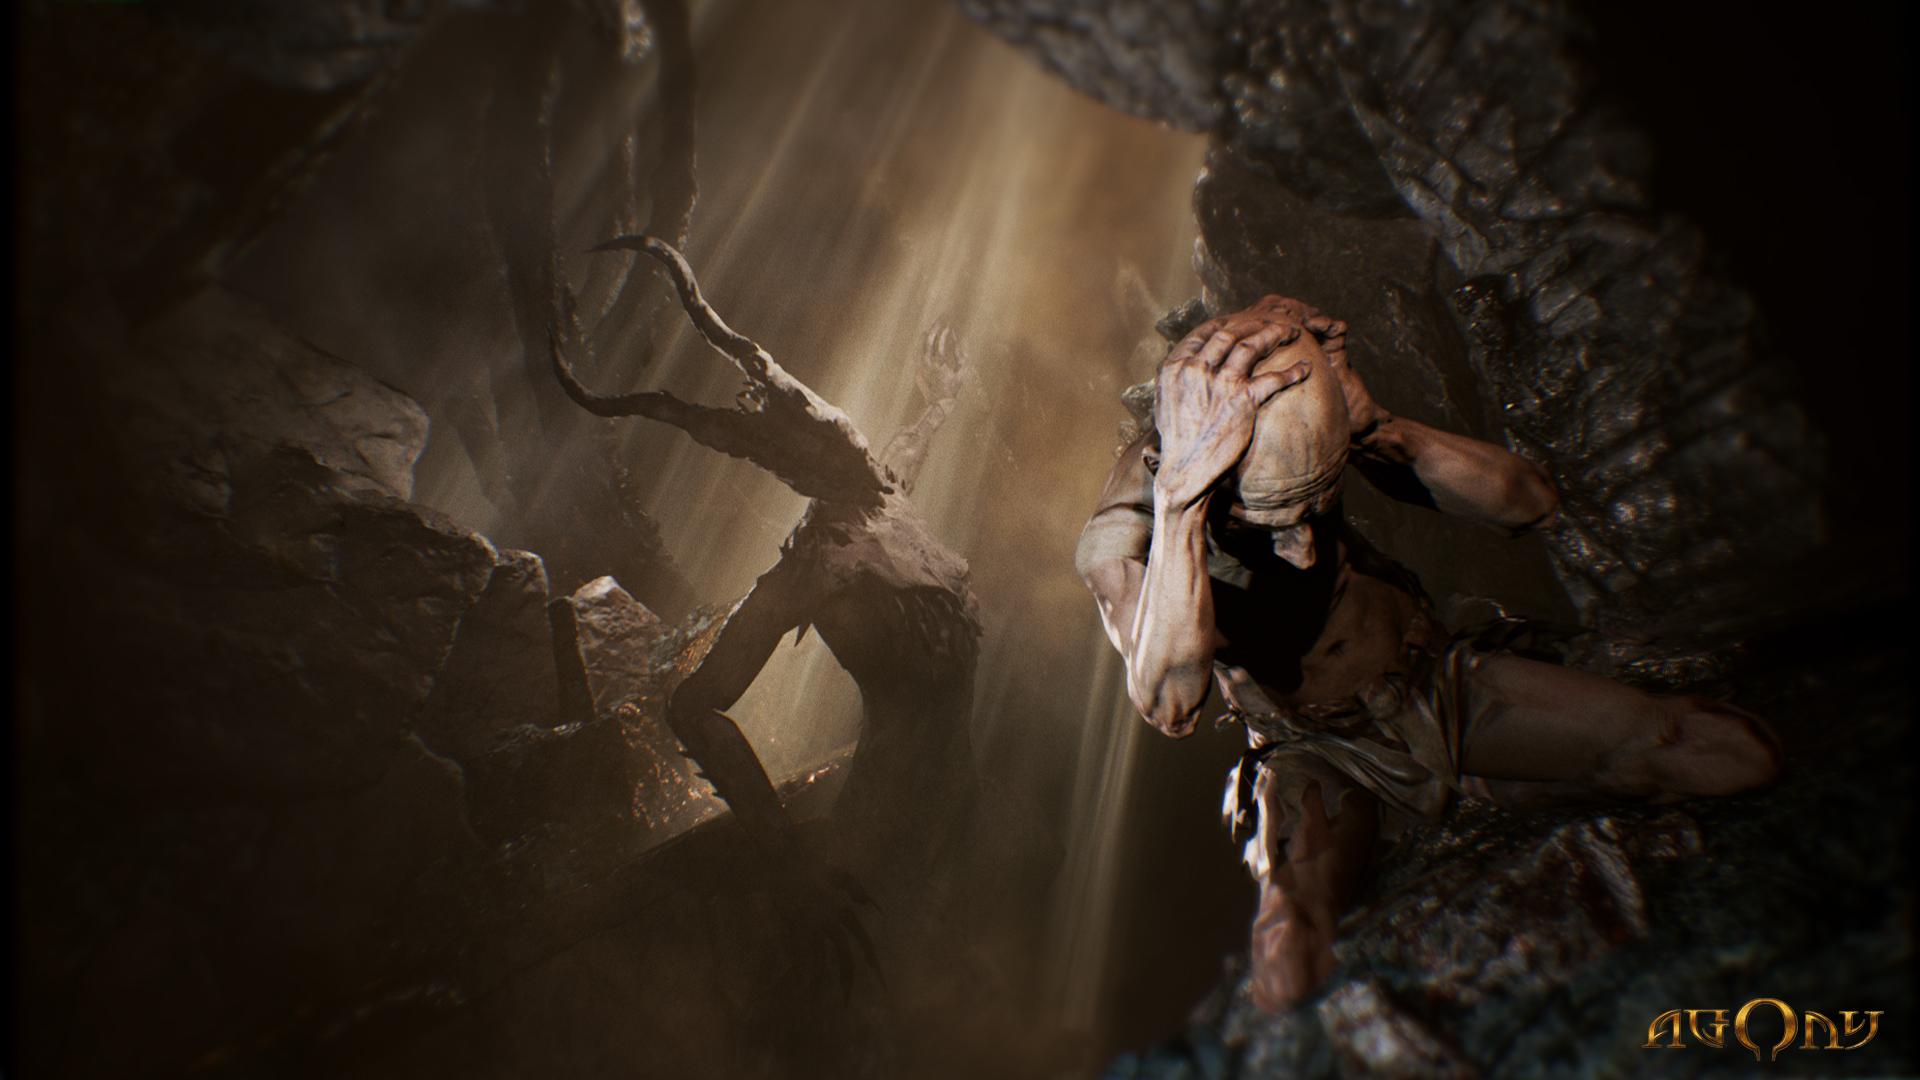 New Agony Extended Trailer Looks Horrifying